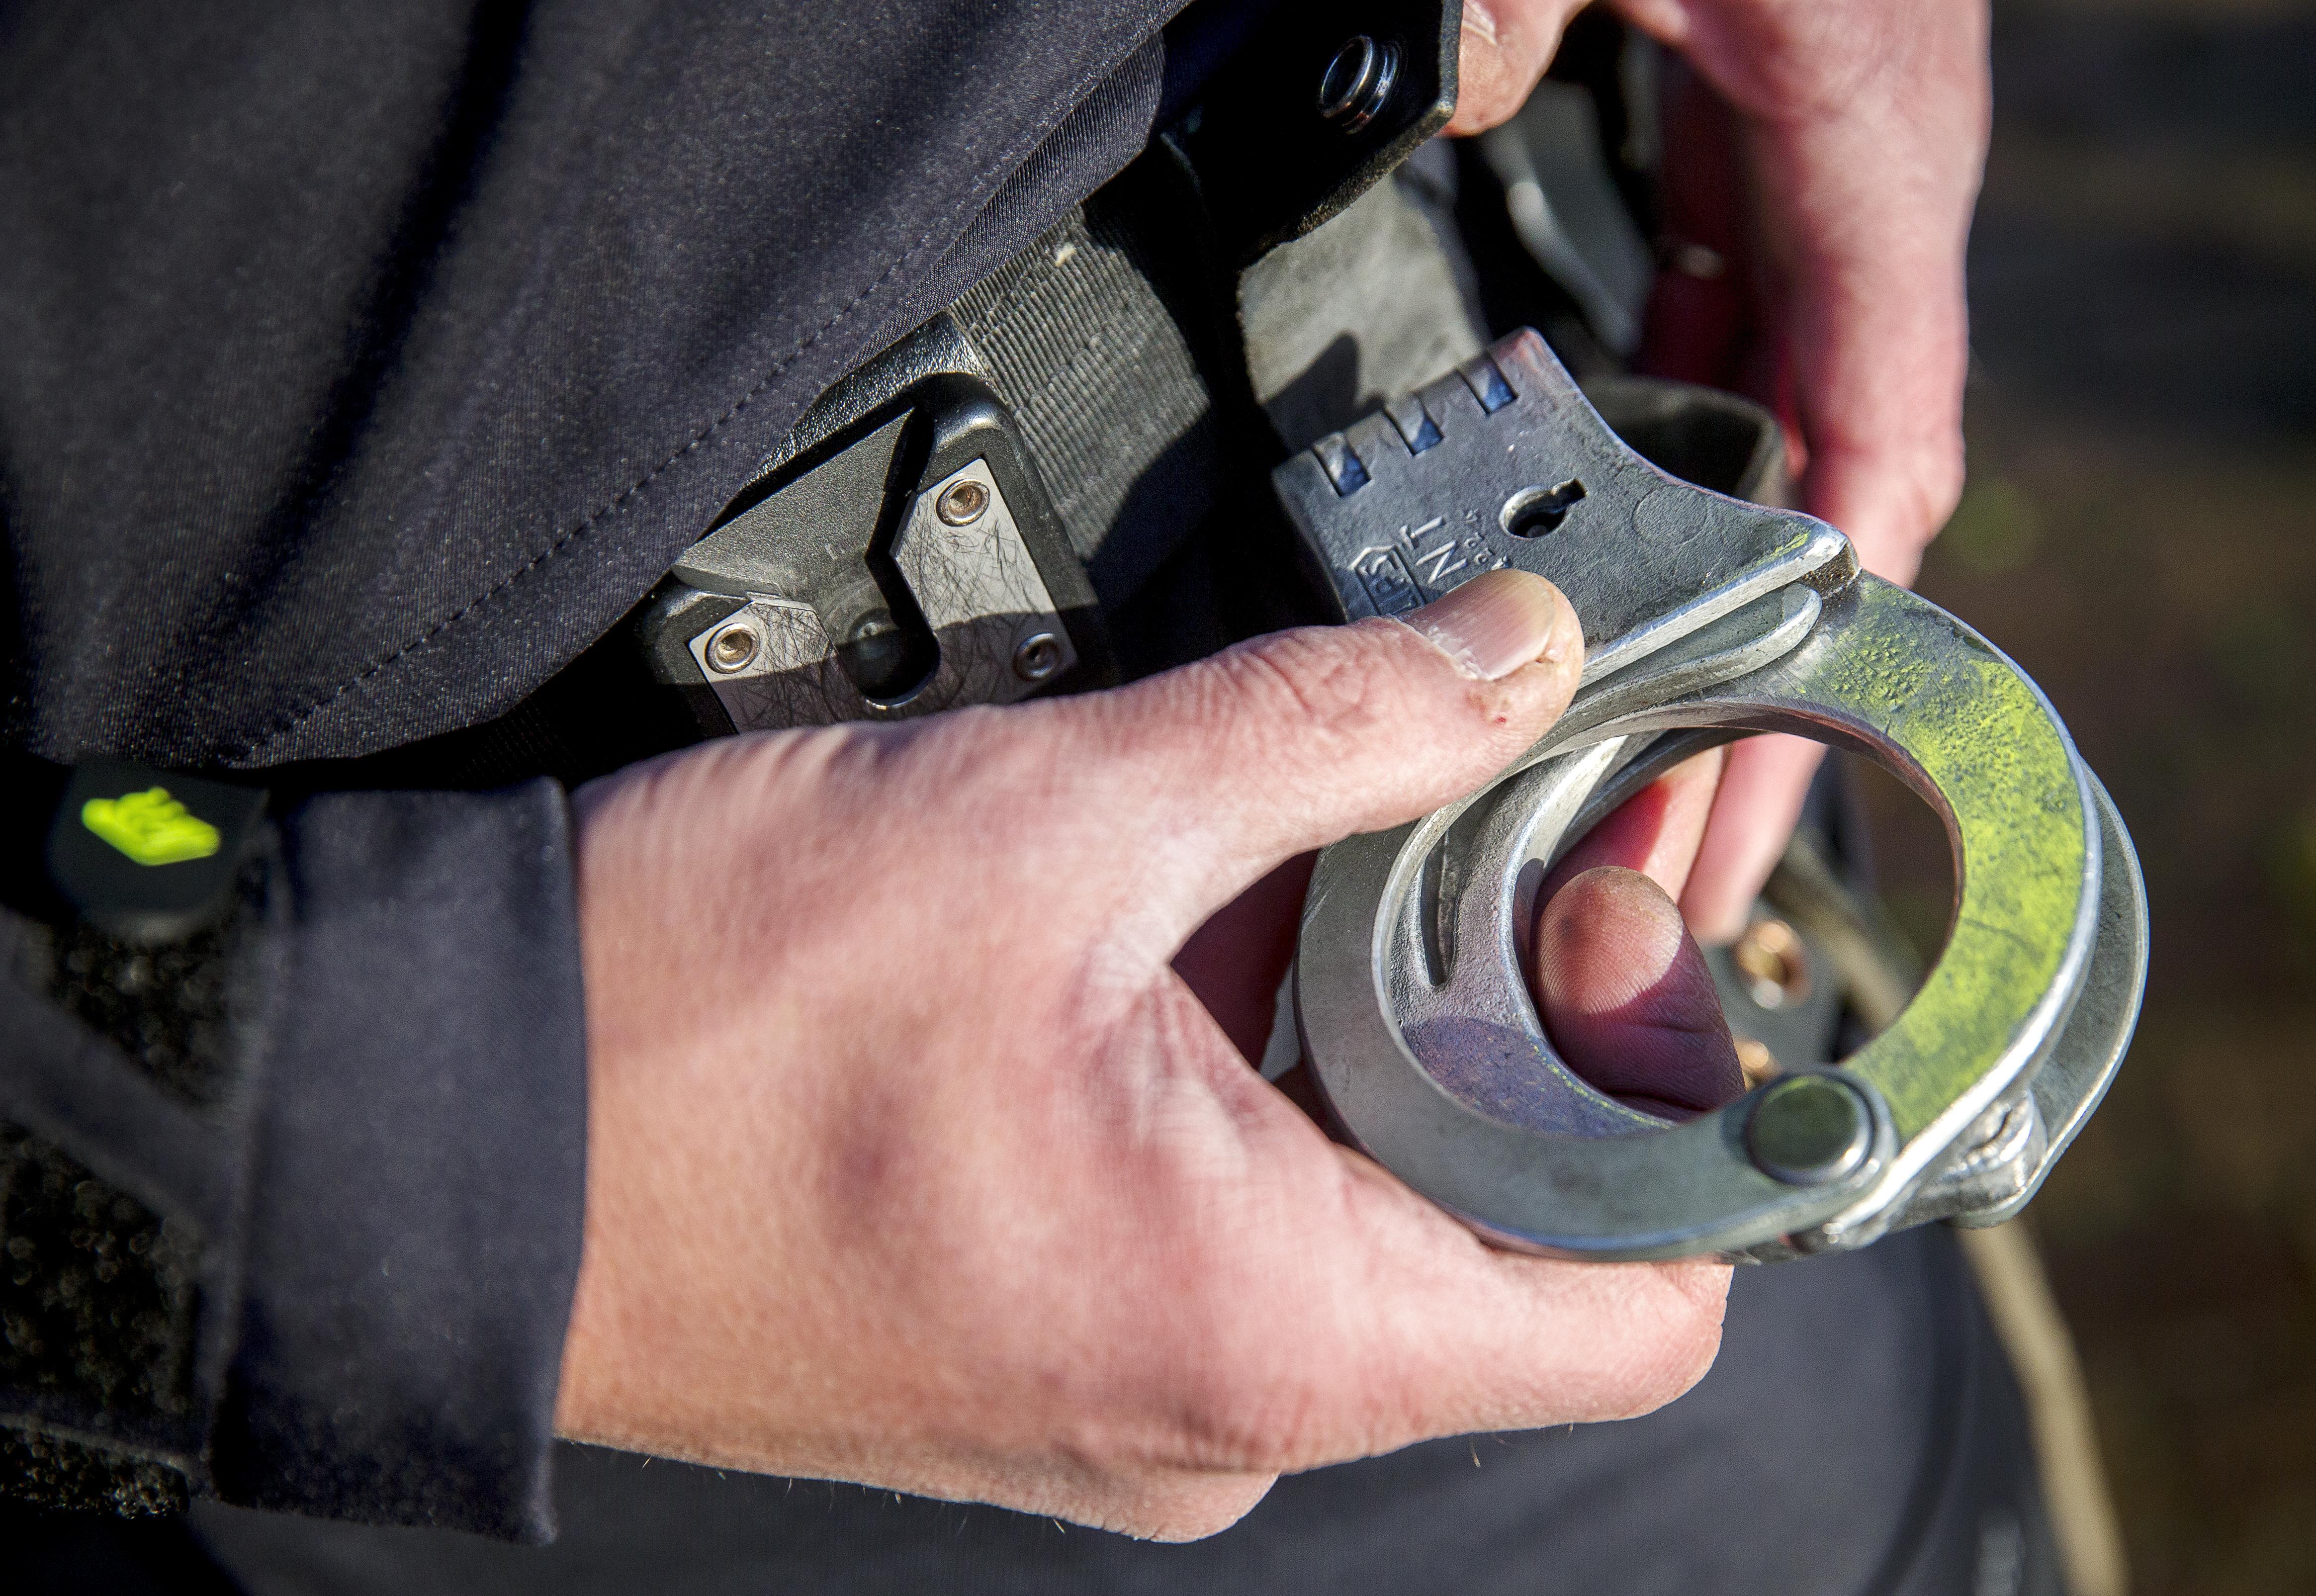 Medemblikker in Castricum aangehouden voor bezit vuurwapen